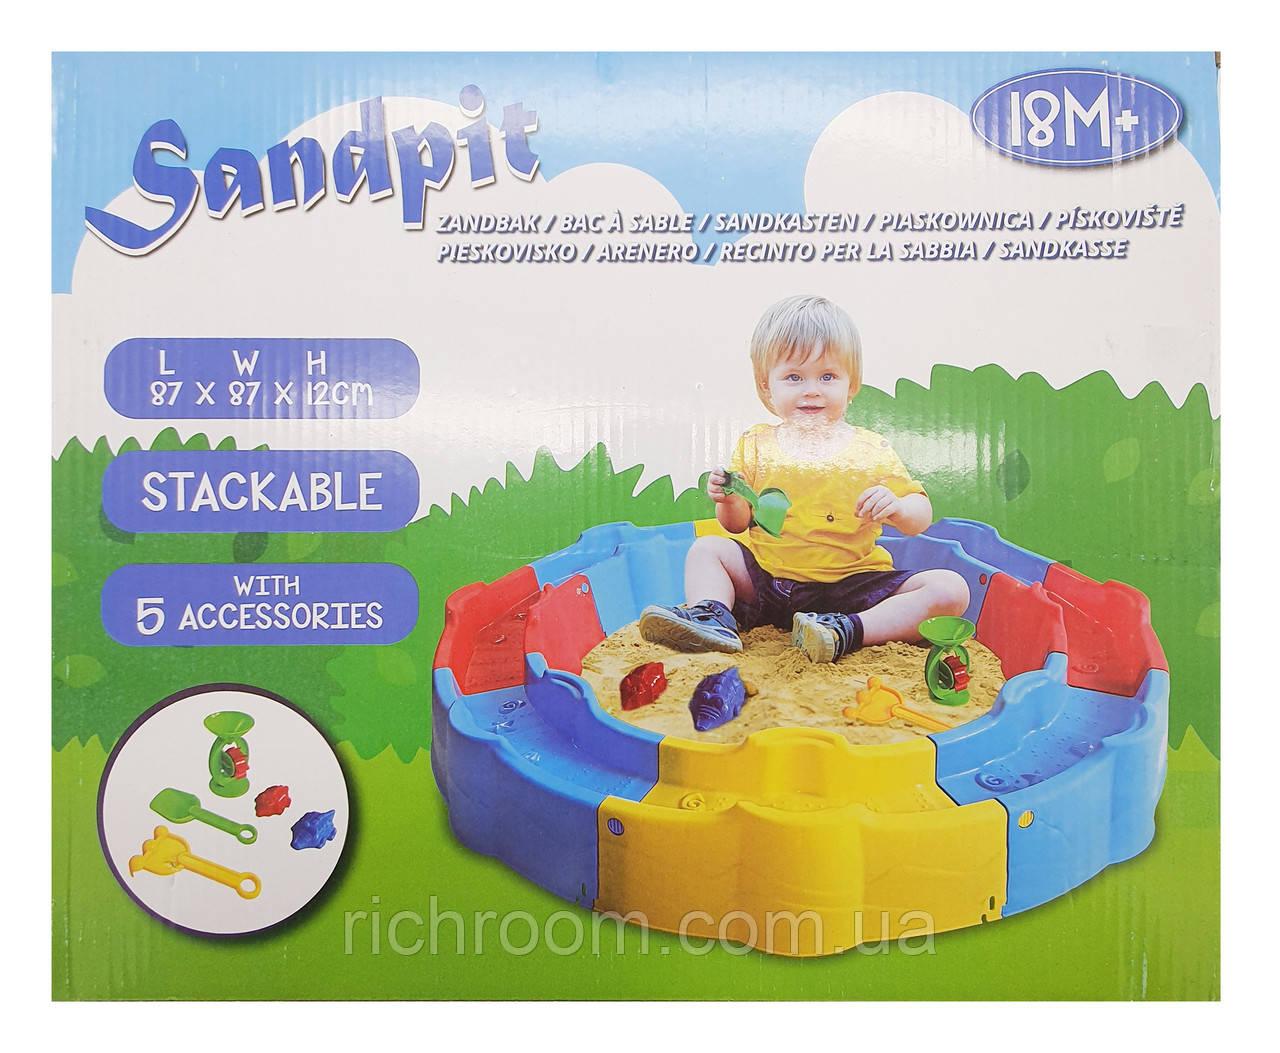 Складна пісочниця Edeka з ровом для води + 5 іграшок, 87 х 87 х 12 см